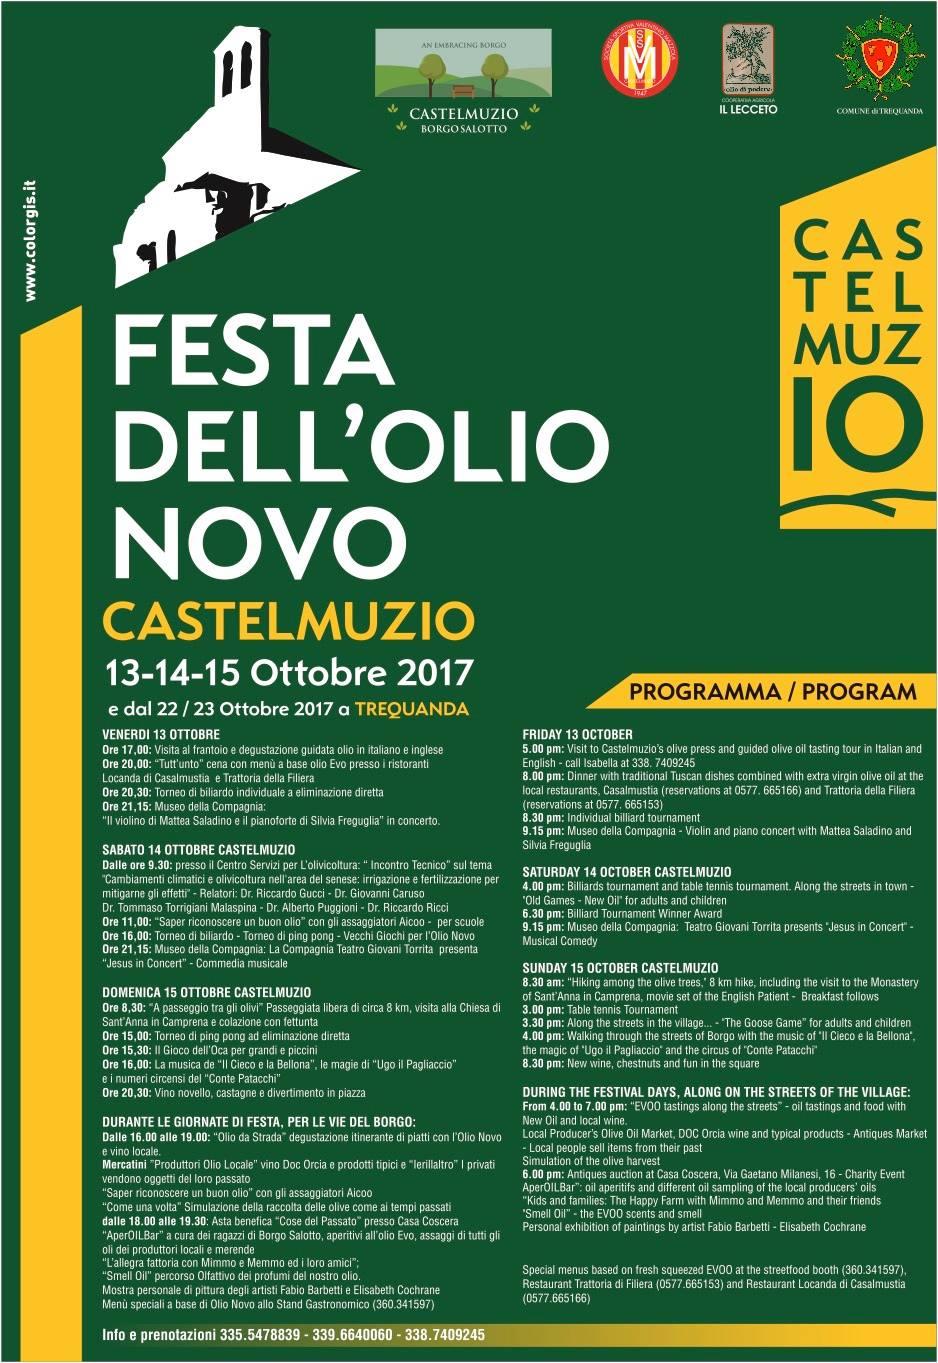 Castelmuzio Olive Oil info